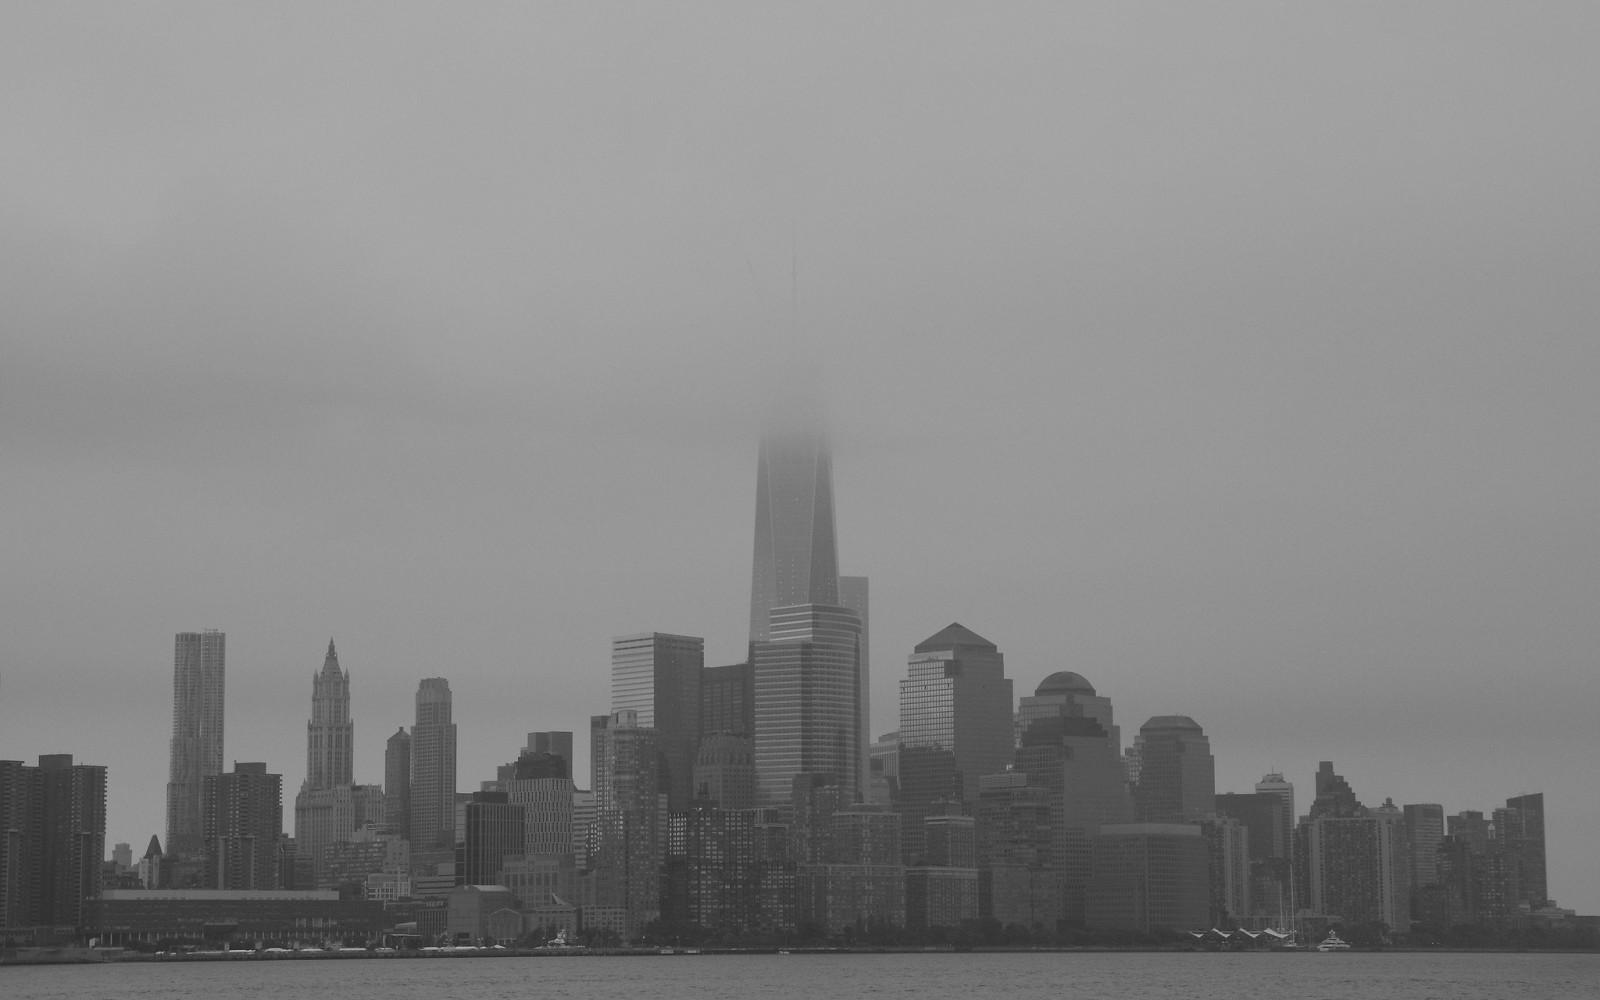 Wallpaper 2048x1280 Px Building City Mist Monochrome